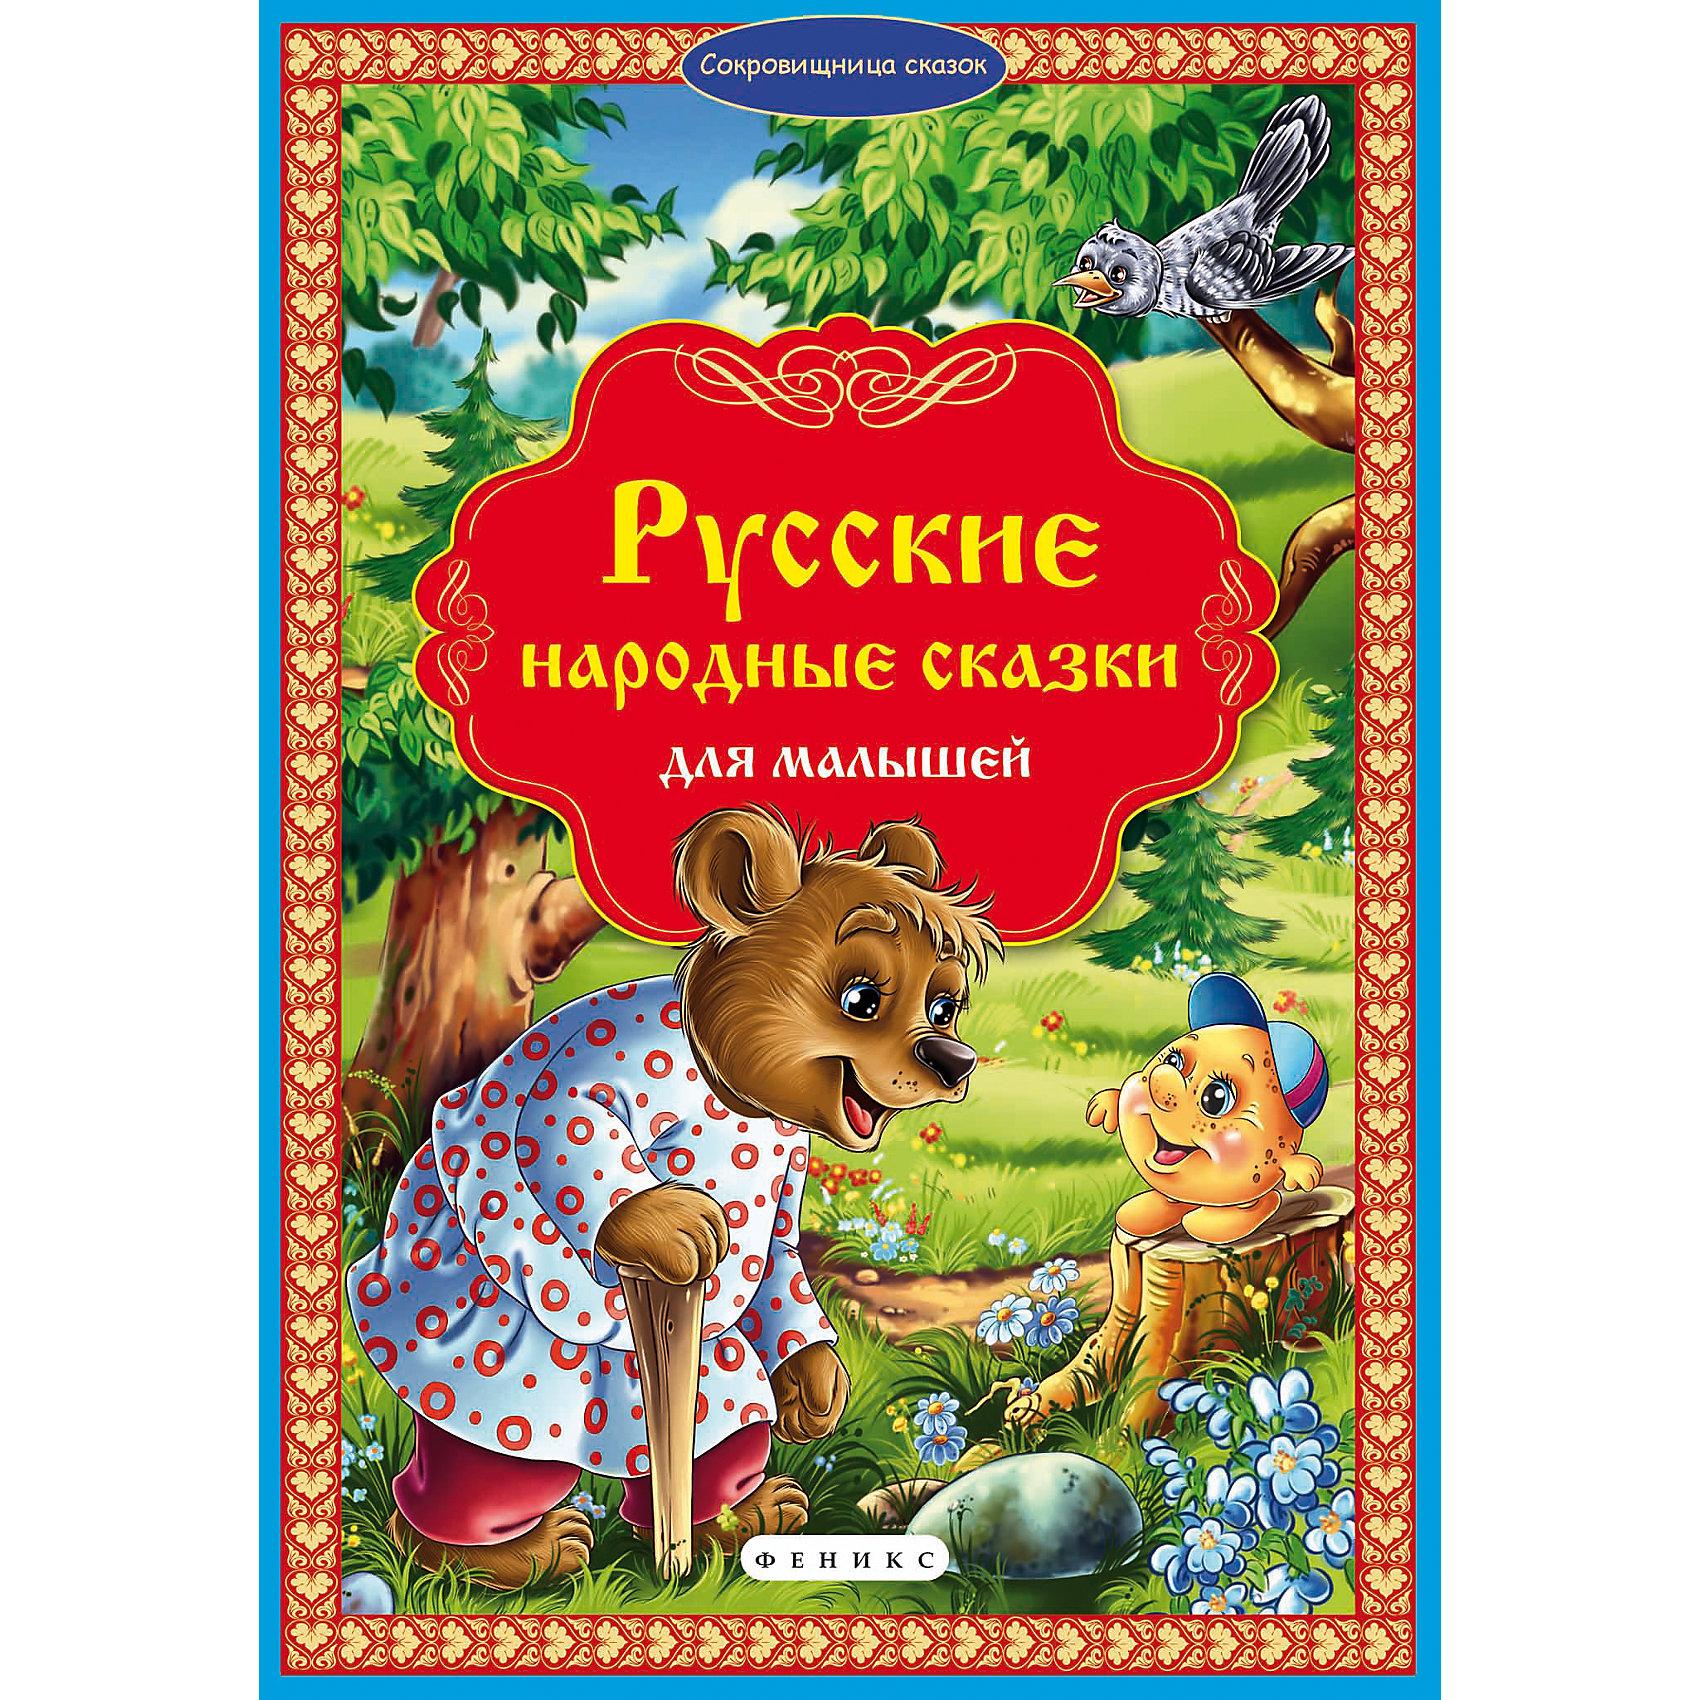 Fenix Русские народные сказки для малышей родионова н ред русские народные сказки для малышей